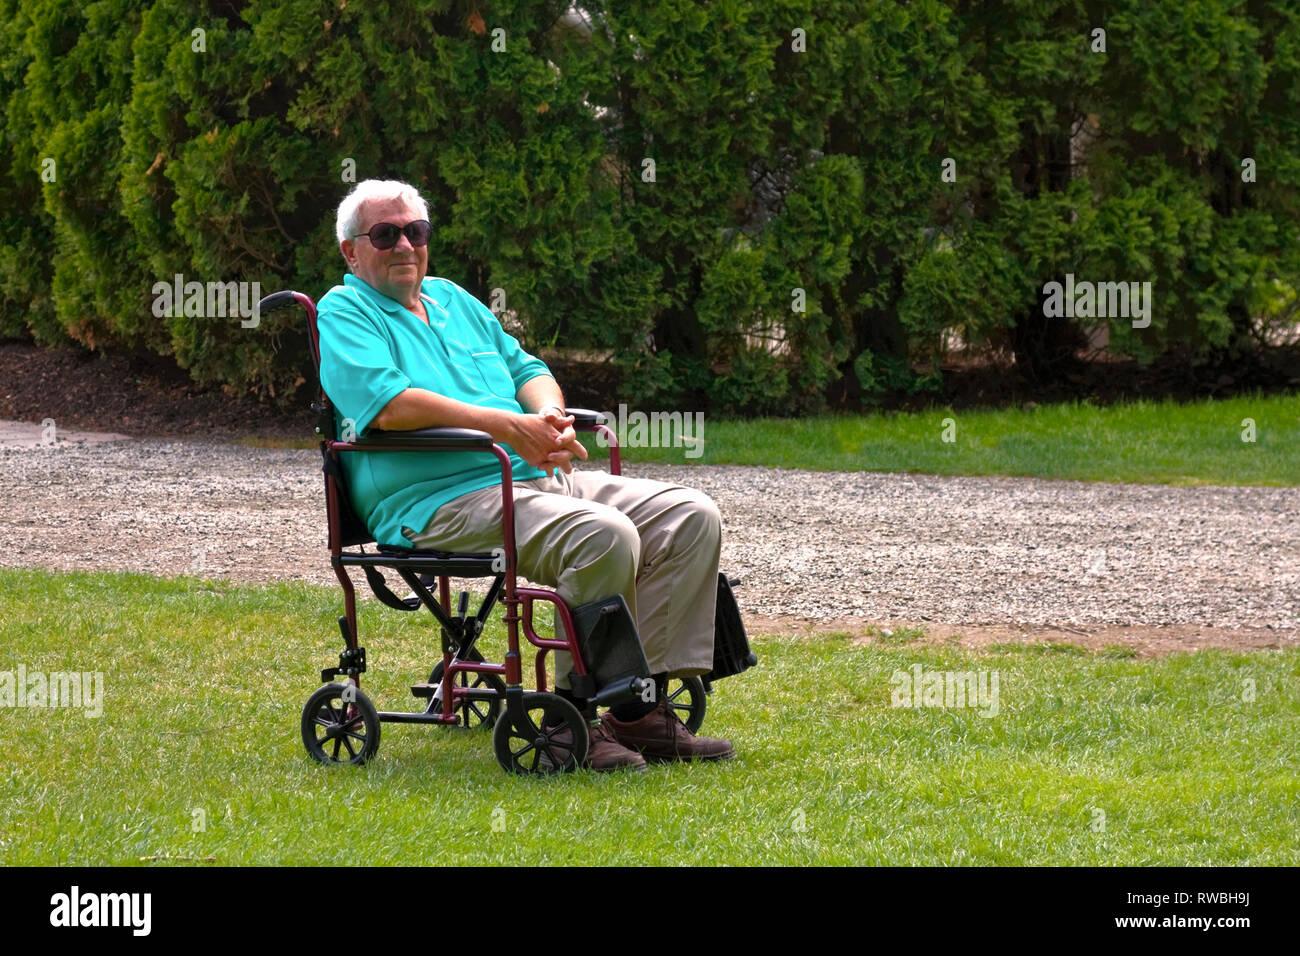 Man; fauteuil de transport; cheveux blancs; sourire; aide à la mobilité; l'attente; à l'extérieur, environnement naturel, horizontal; M. Photo Stock